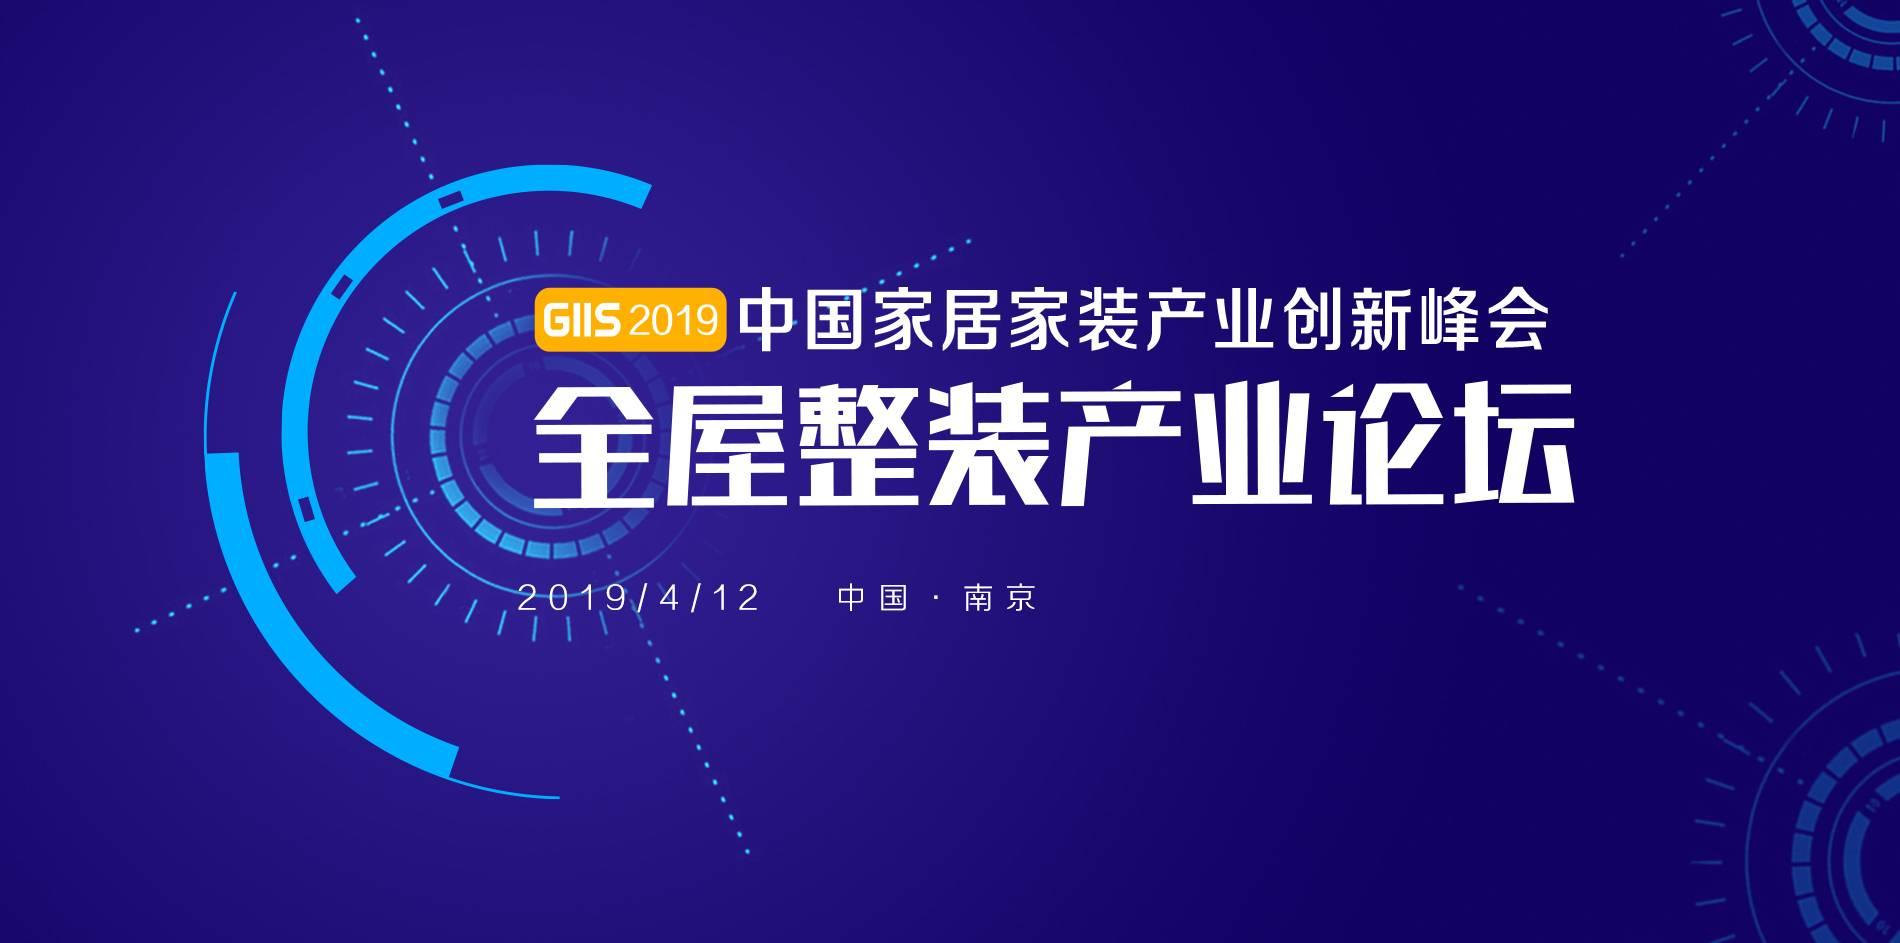 【活动】GIIS 2019中国家居家装产业创新峰会·全屋整装产业论坛-亿欧